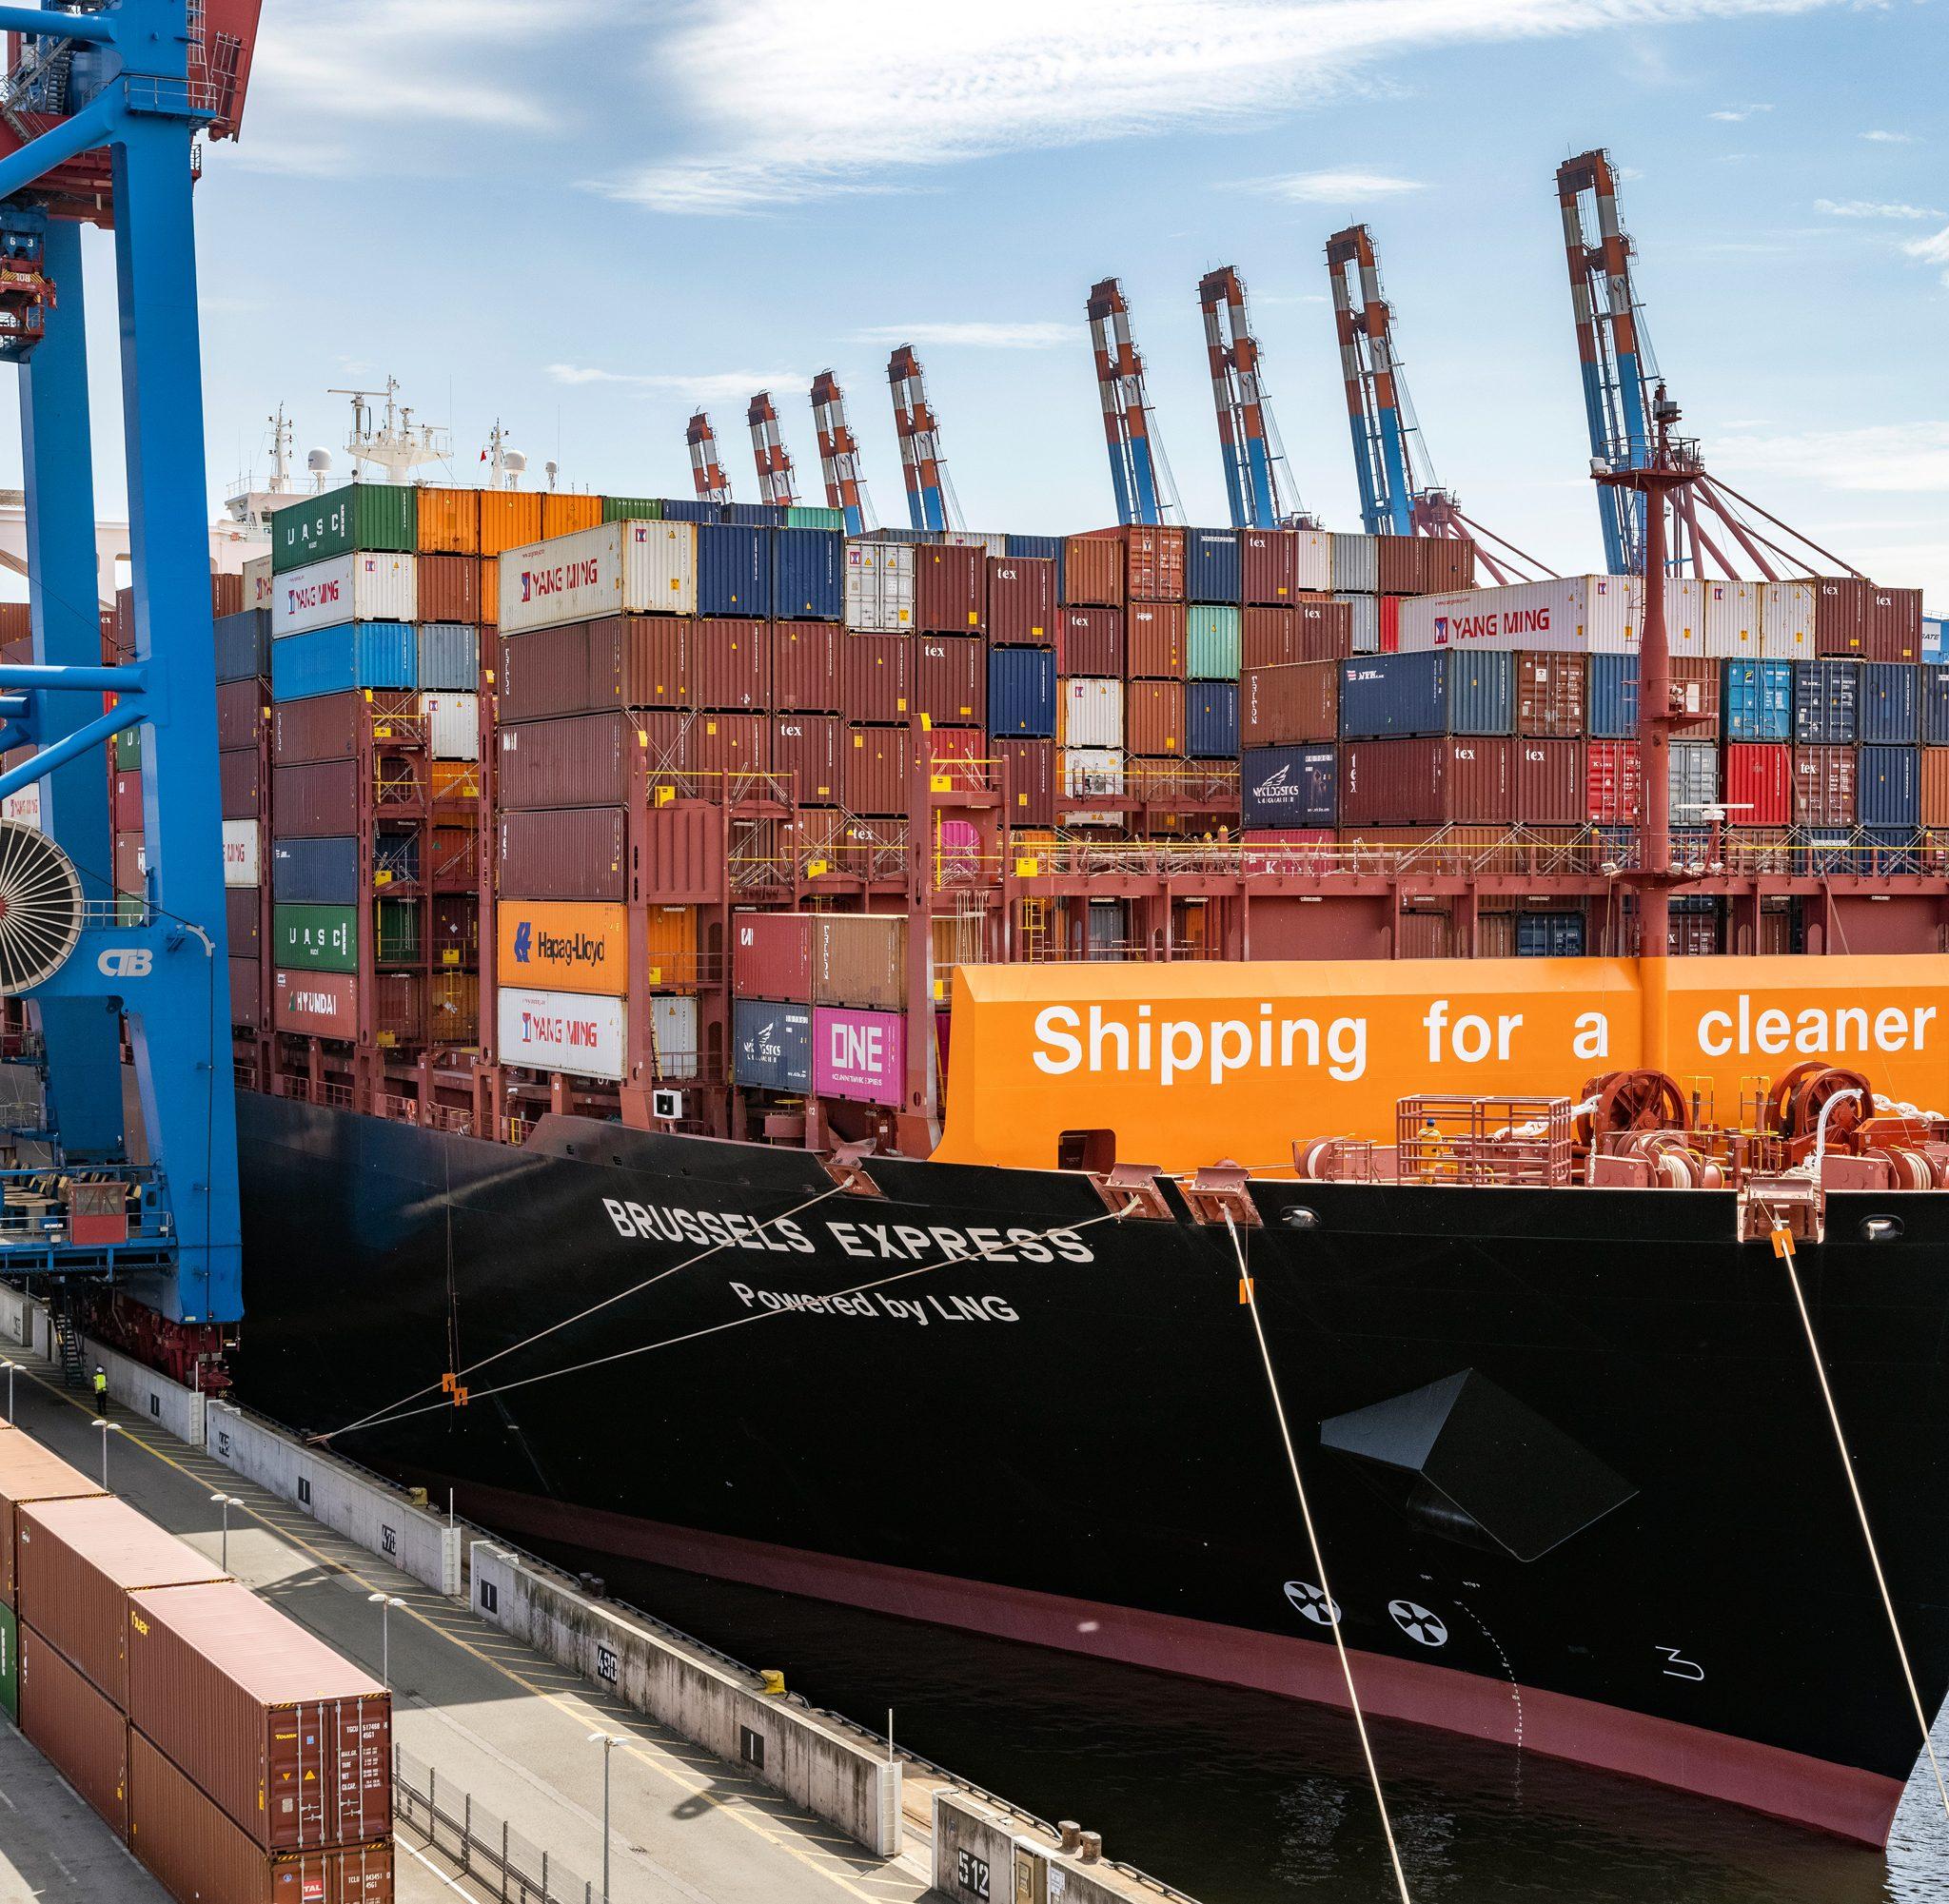 De Brussels Express in Hamburg. Het is het eerste grote containerschip ter wereld dat op LNG werd omgebouwd. (Foto Hapag Lloyd)